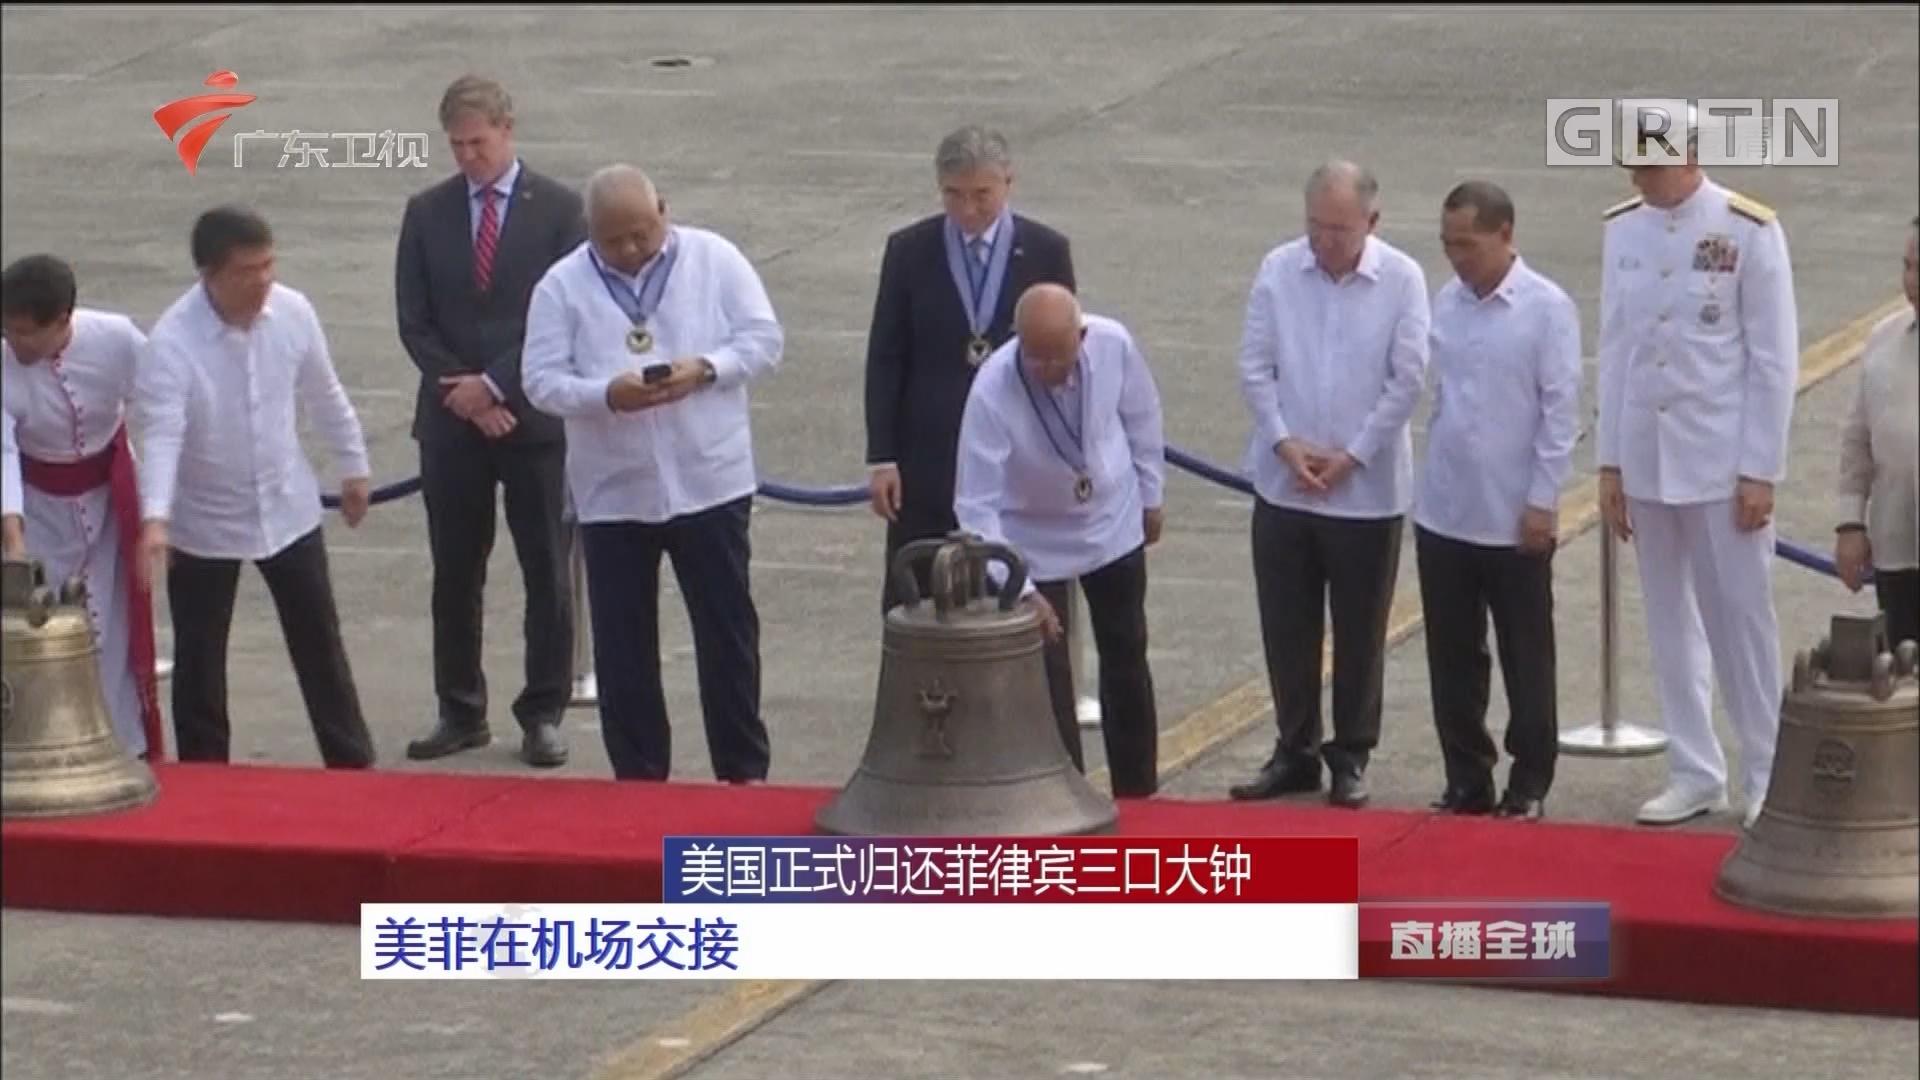 美国正式归还菲律宾三口大钟:美菲在机场交接